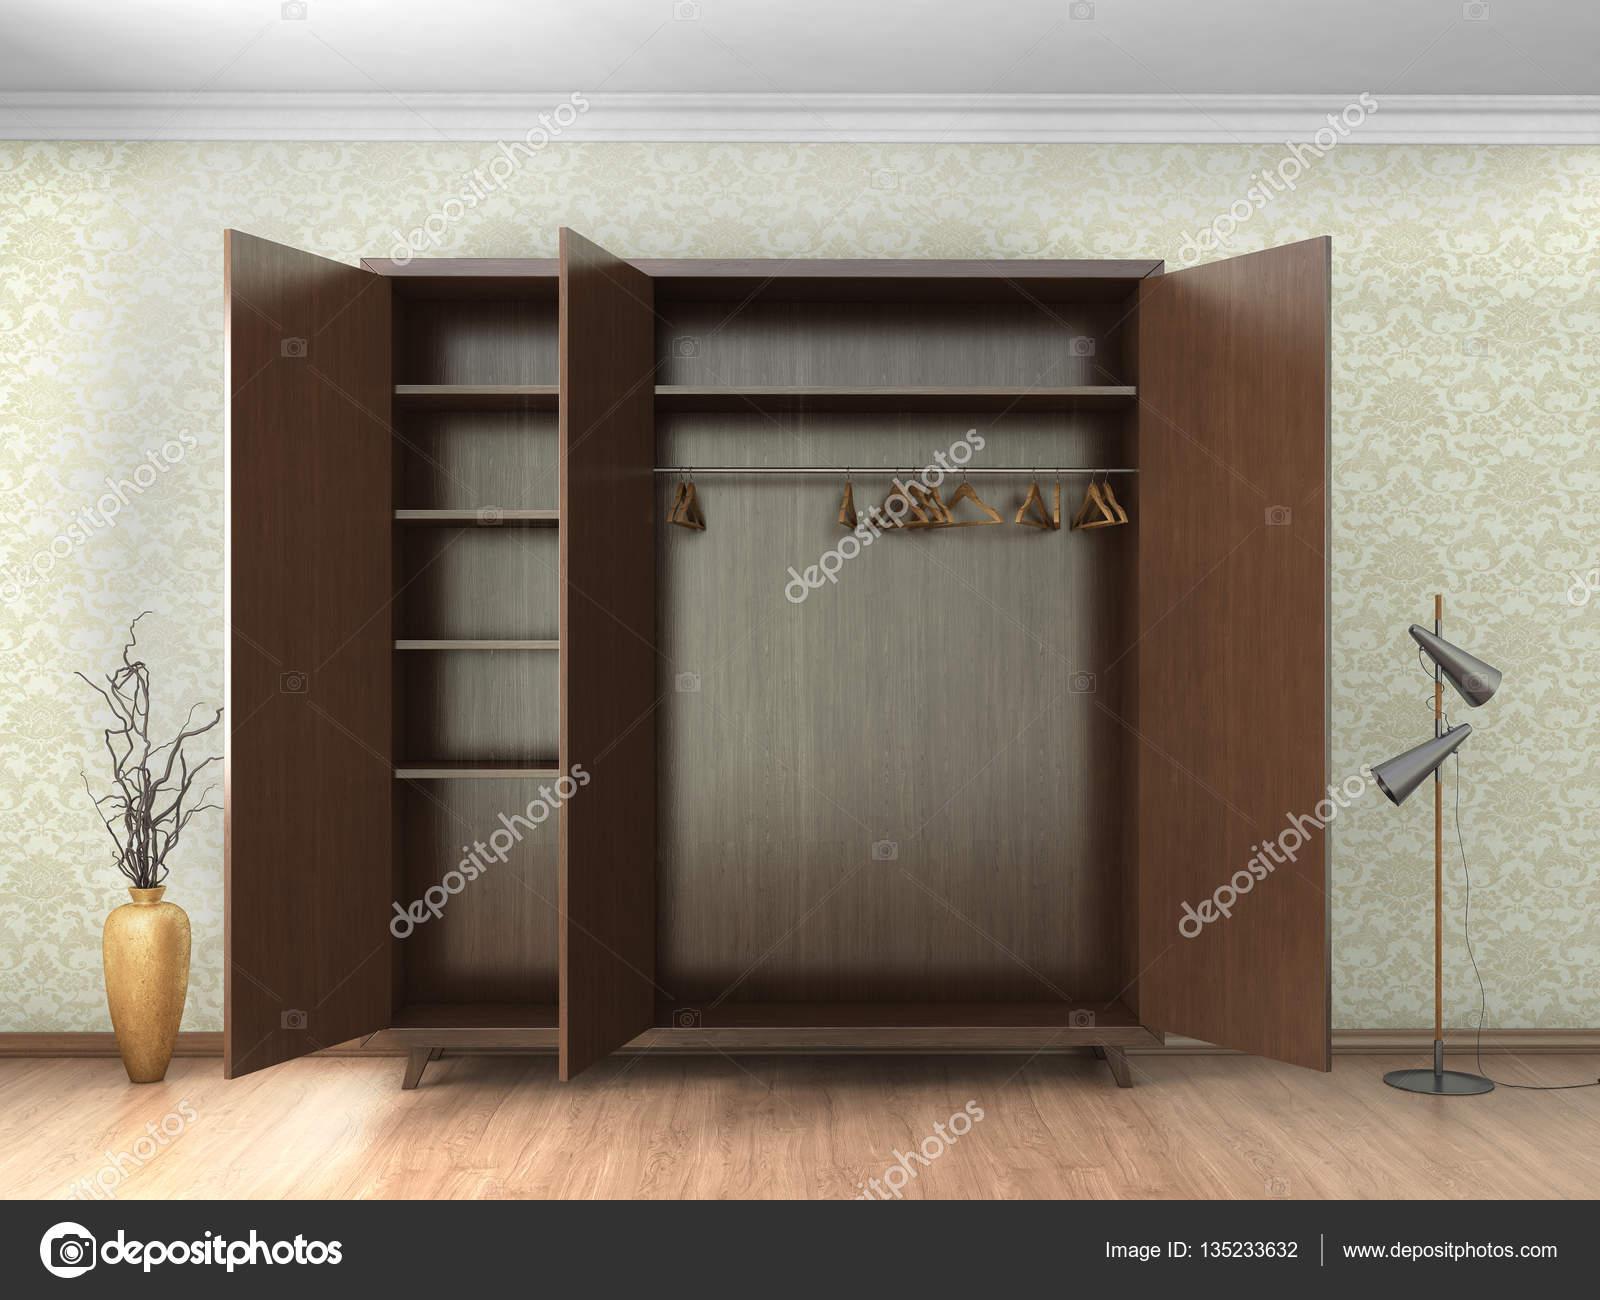 große offene Schränke im Zimmer — Stockfoto © urfingus #135233632